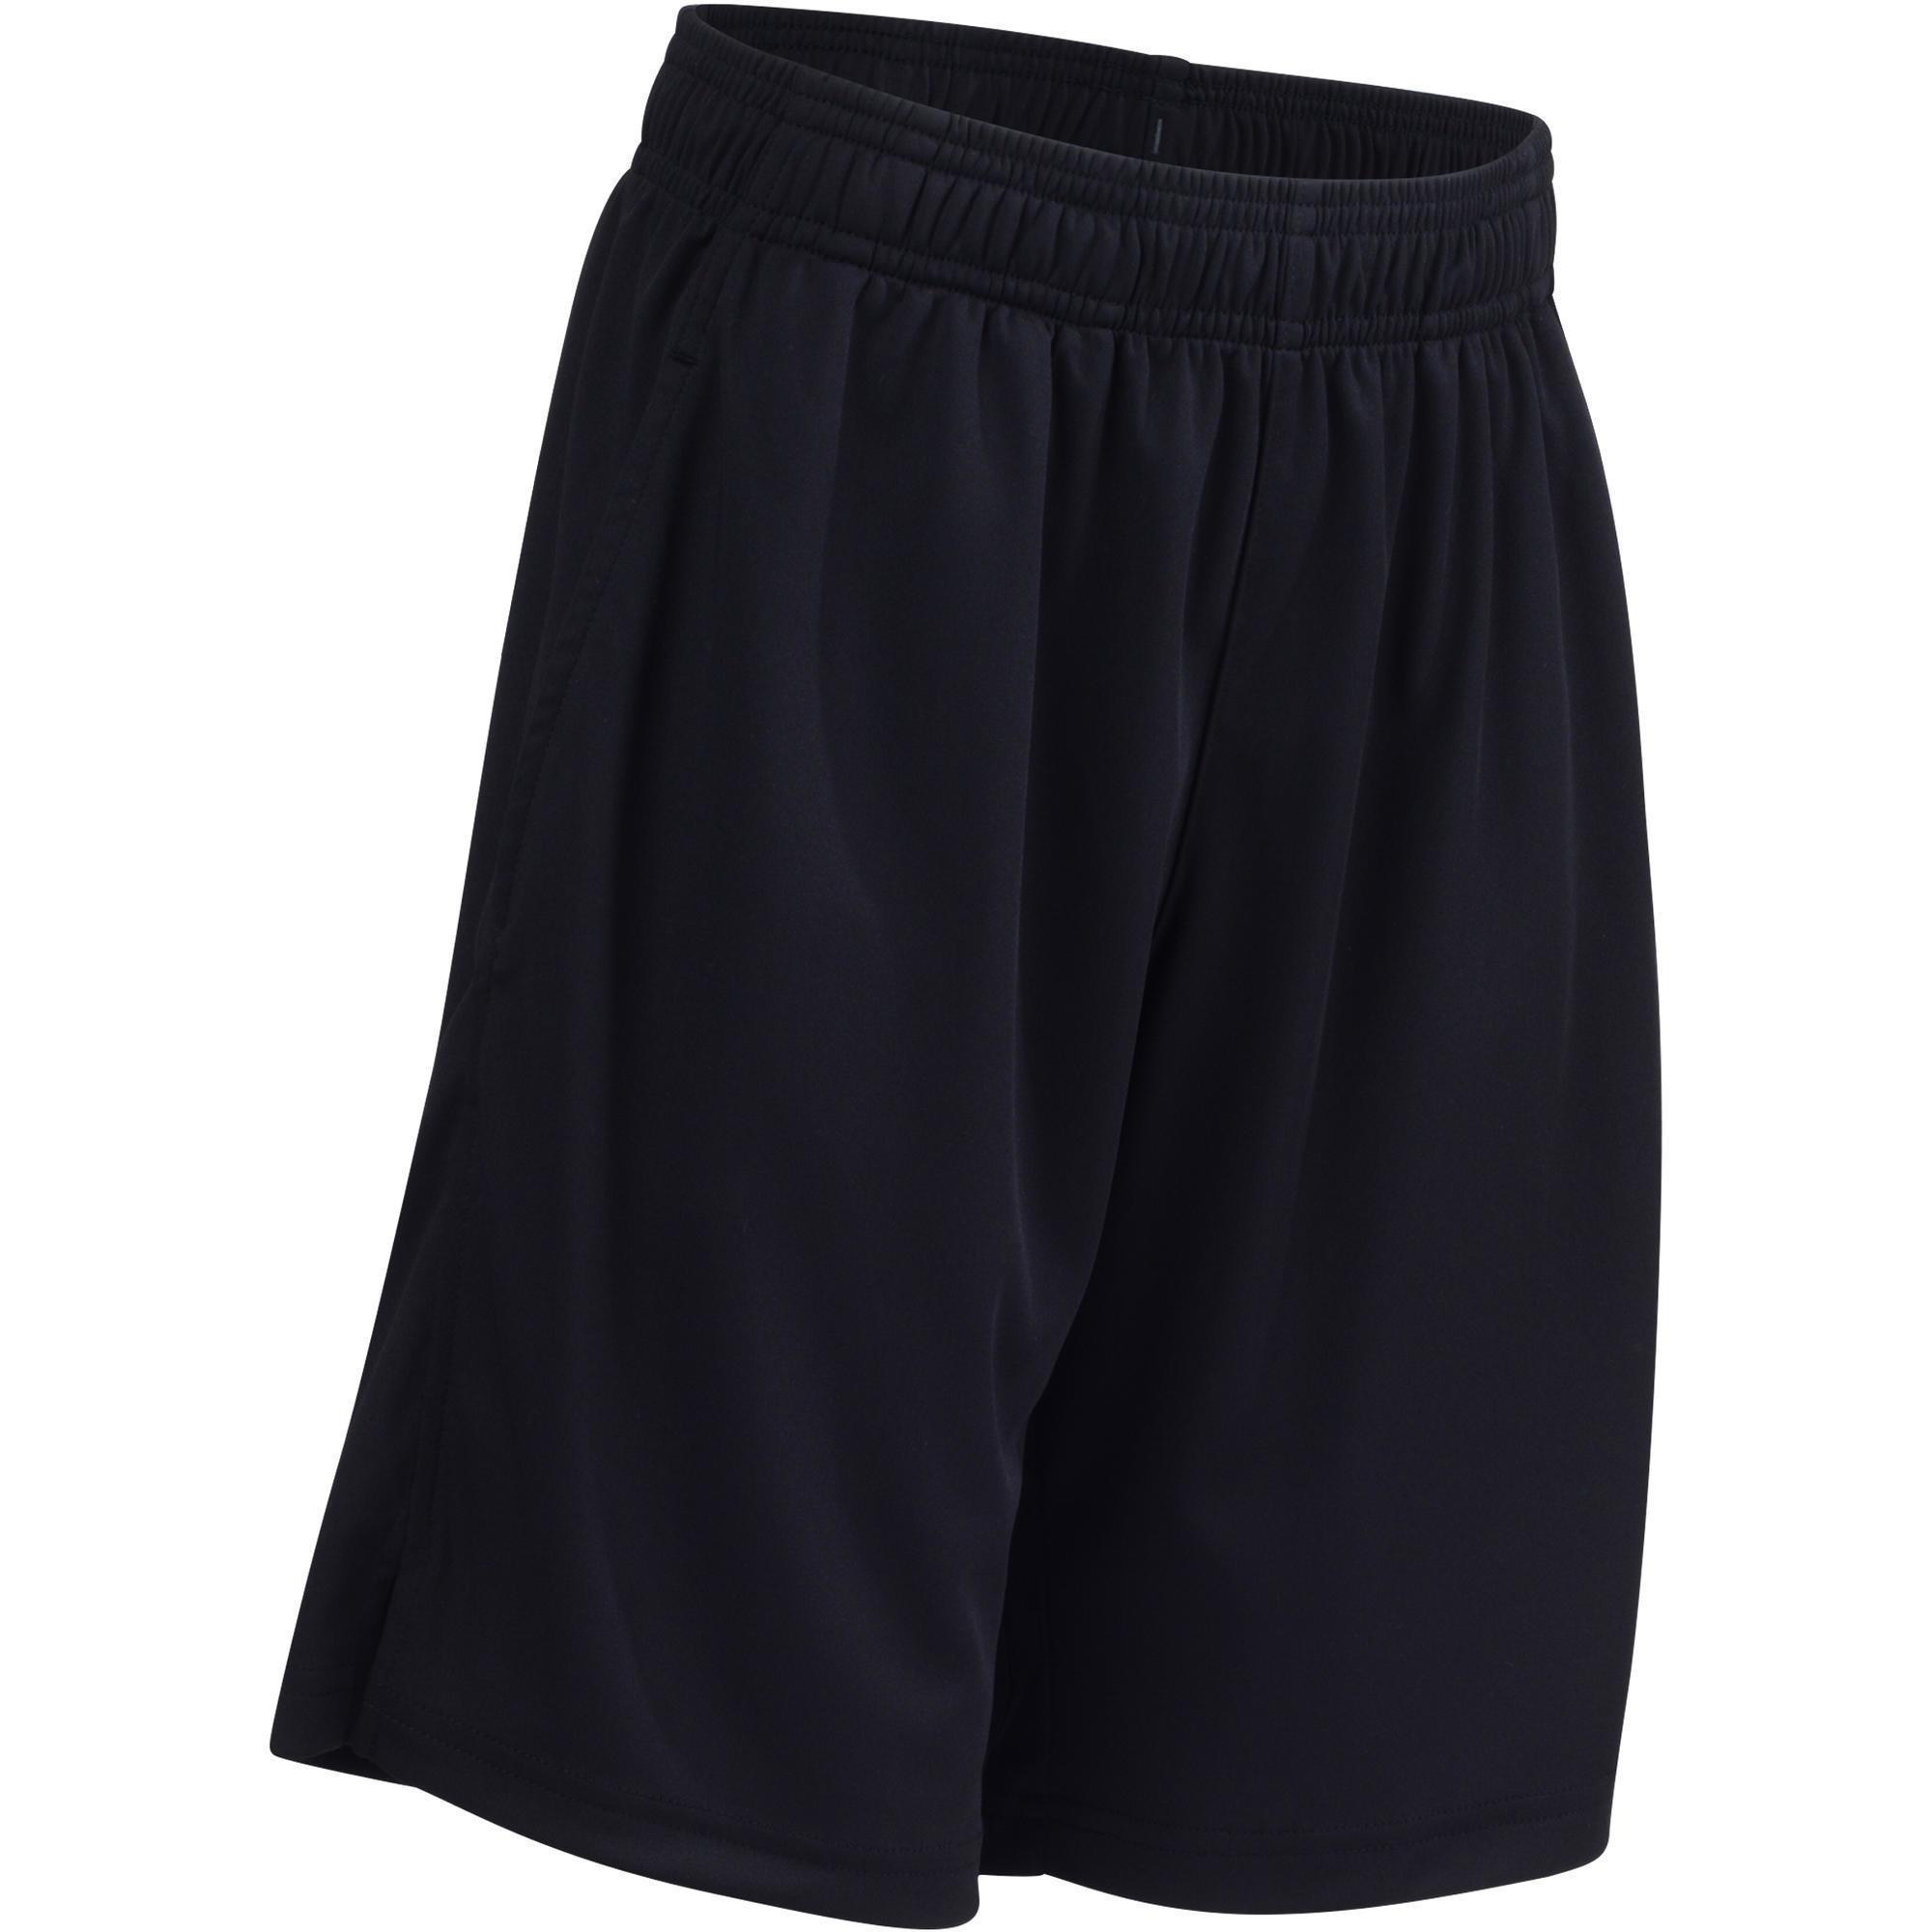 Vêtements de gym garçon  794c664d085